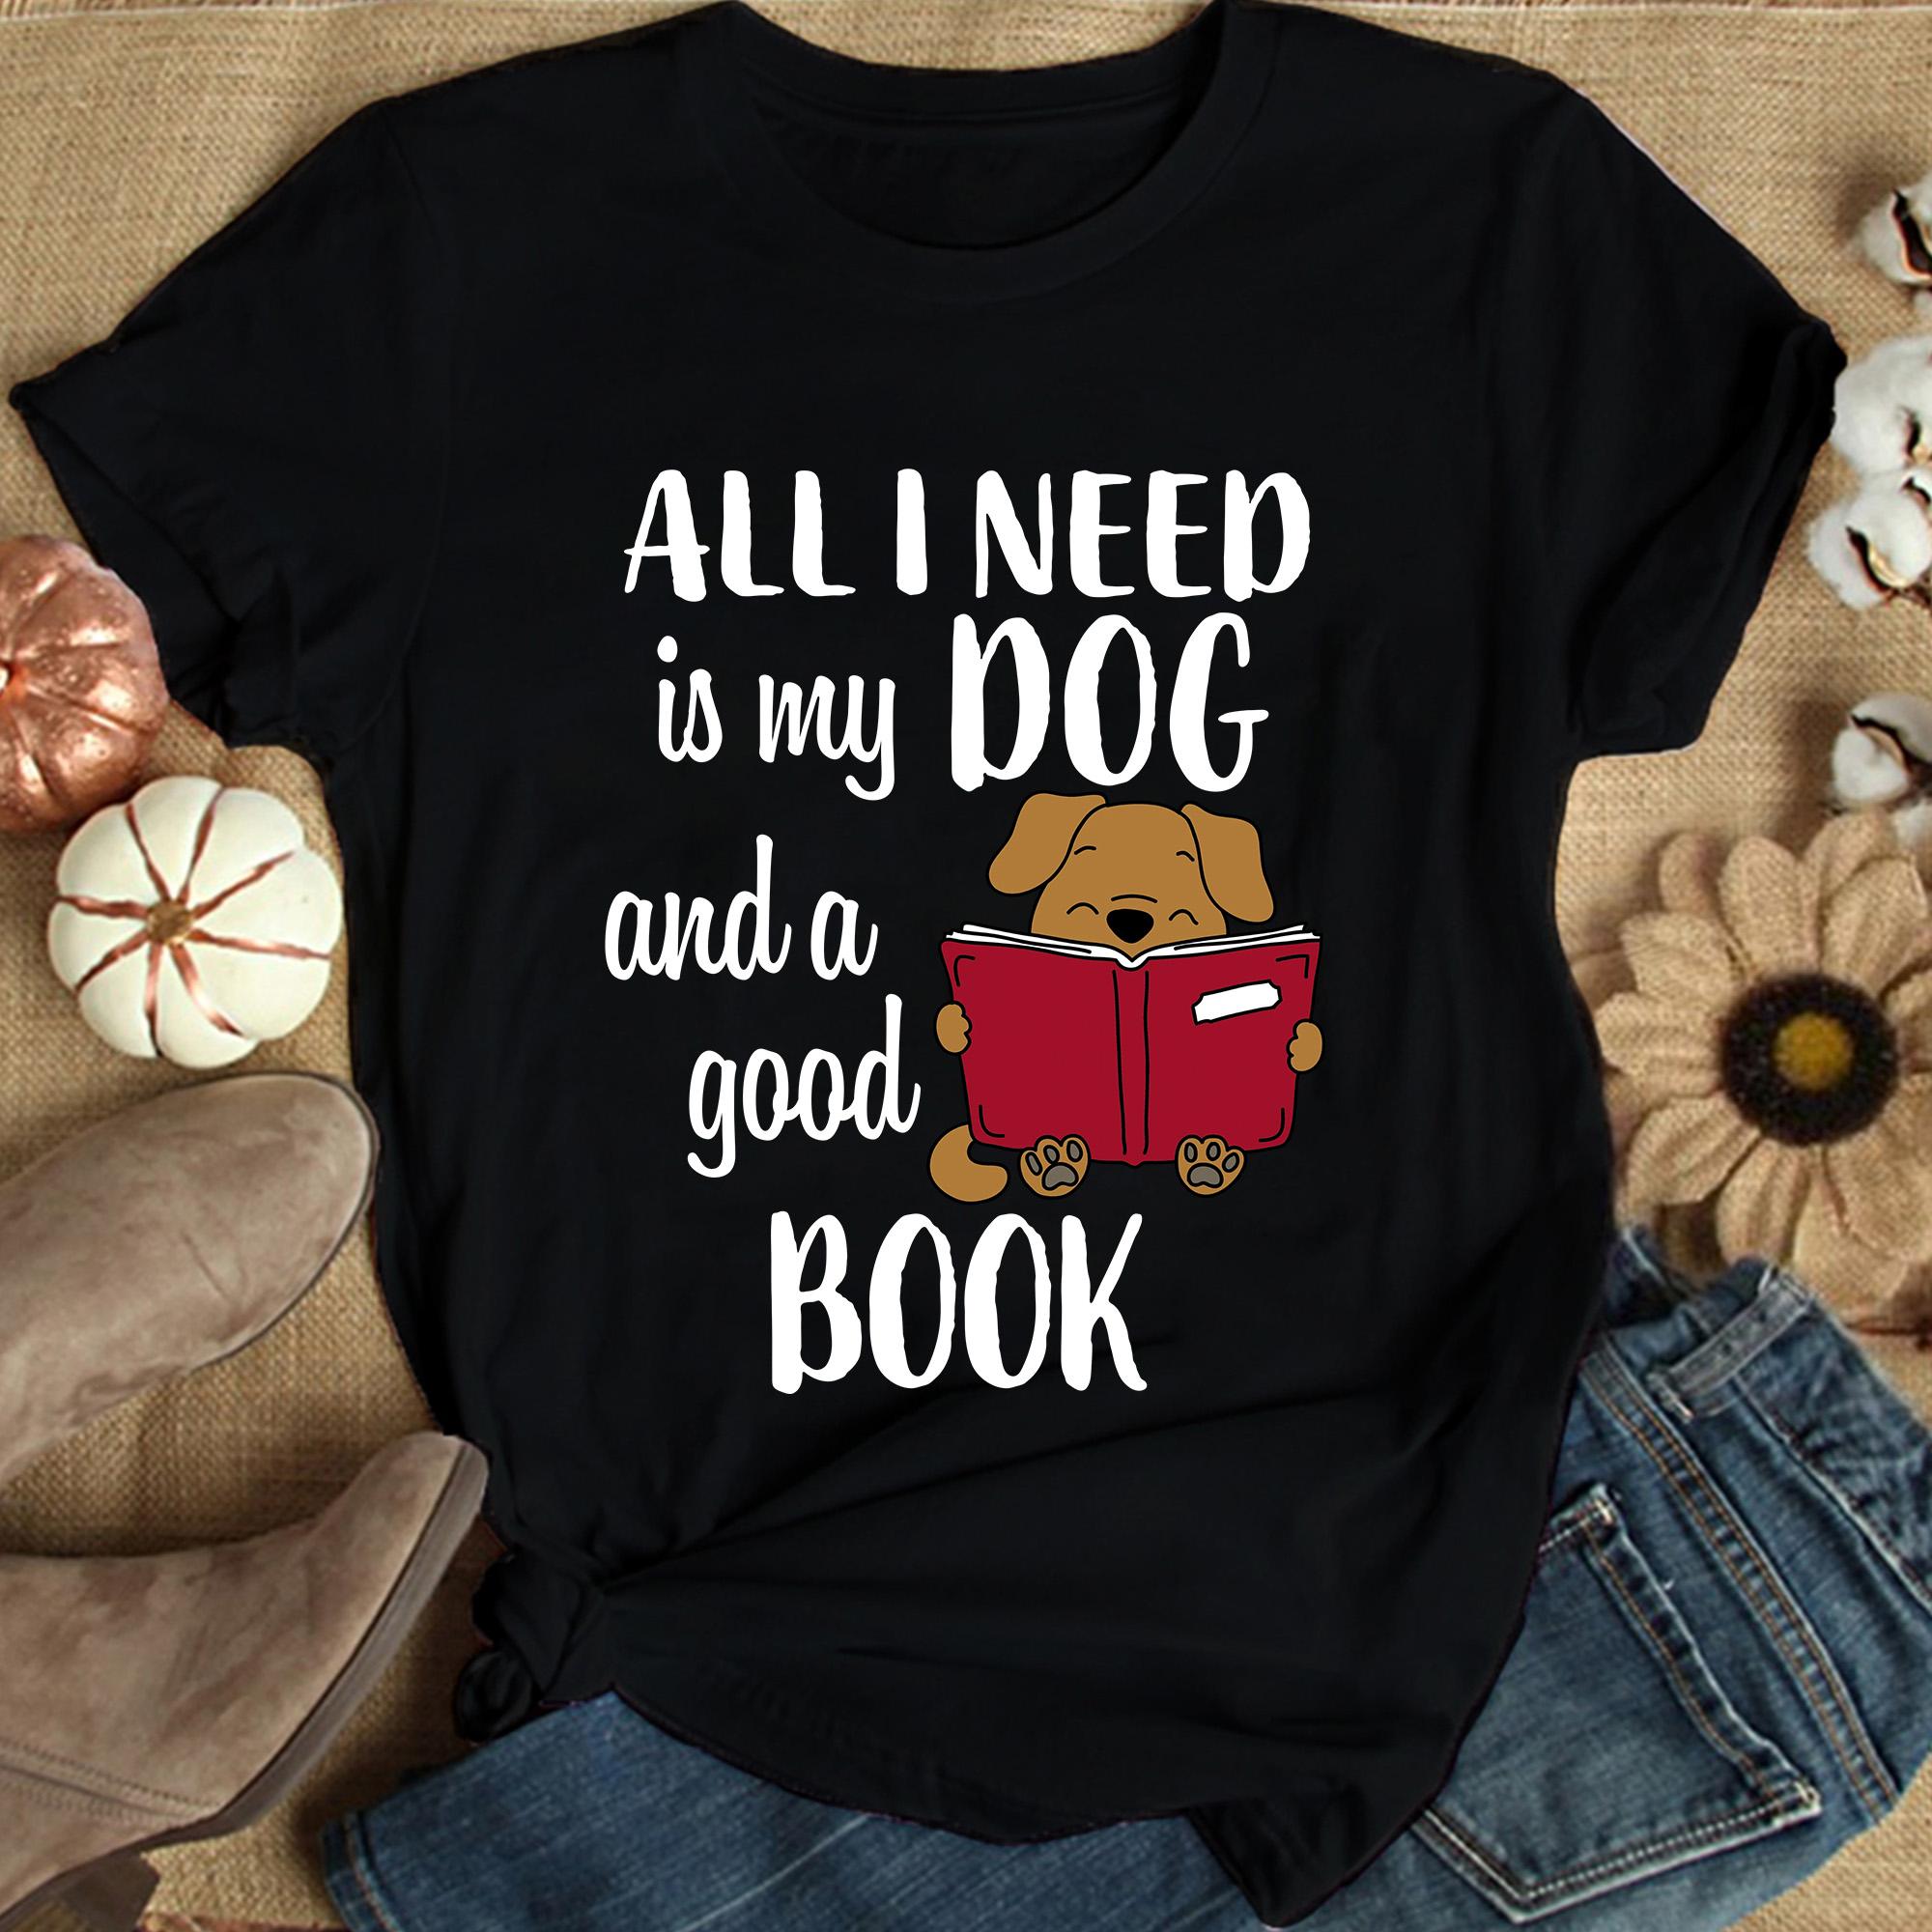 Book Shirt My Dog And A Good Book